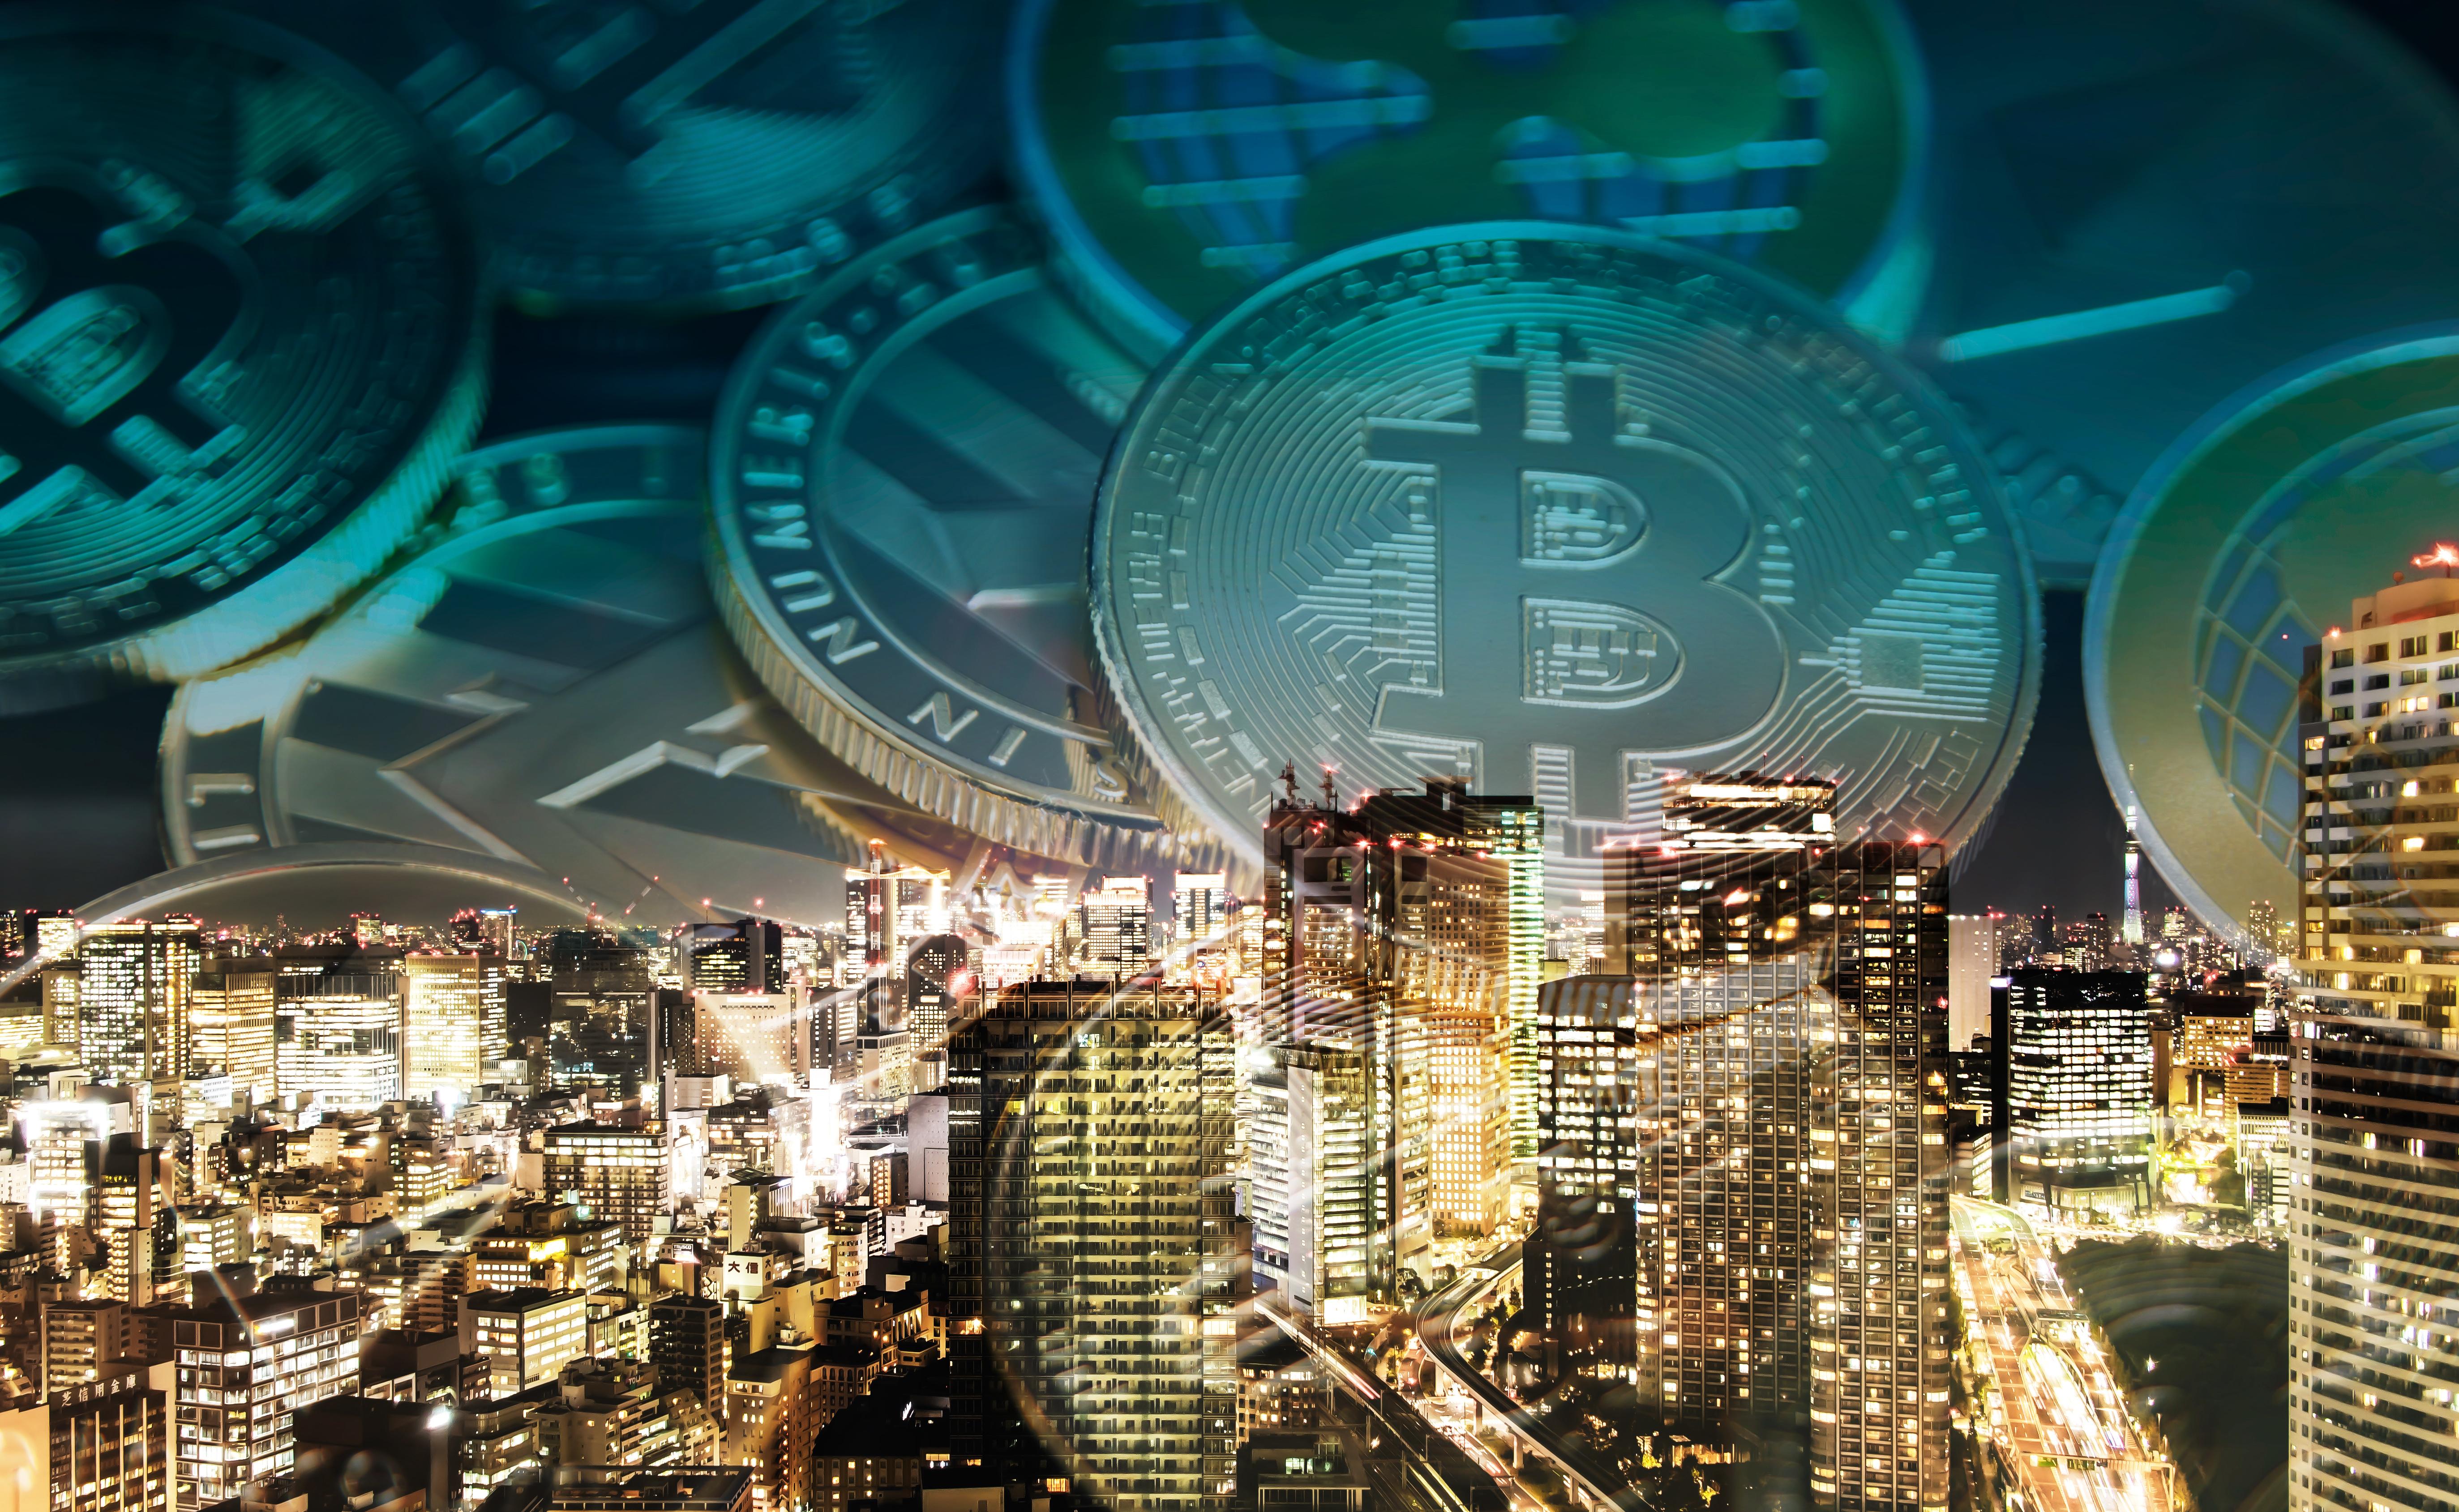 仮想通貨はオワコンではない?急拡大が予測される6つのタイミング